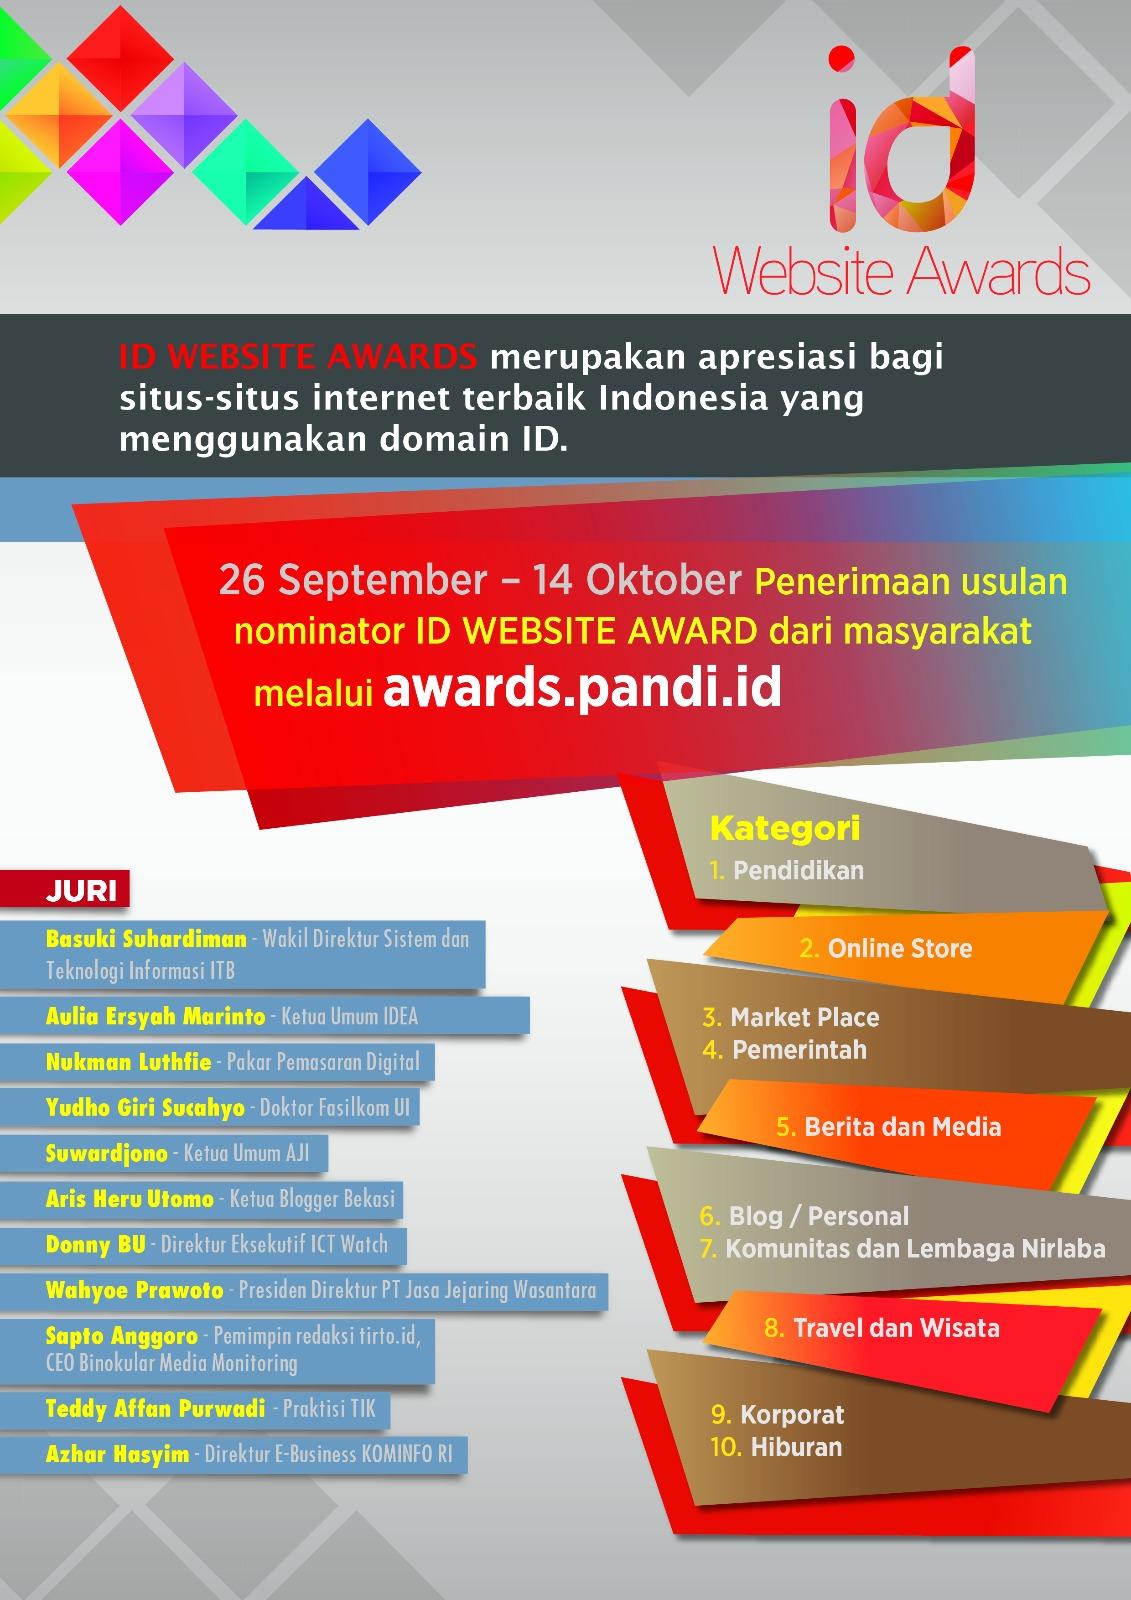 Nominator ID Website Awards